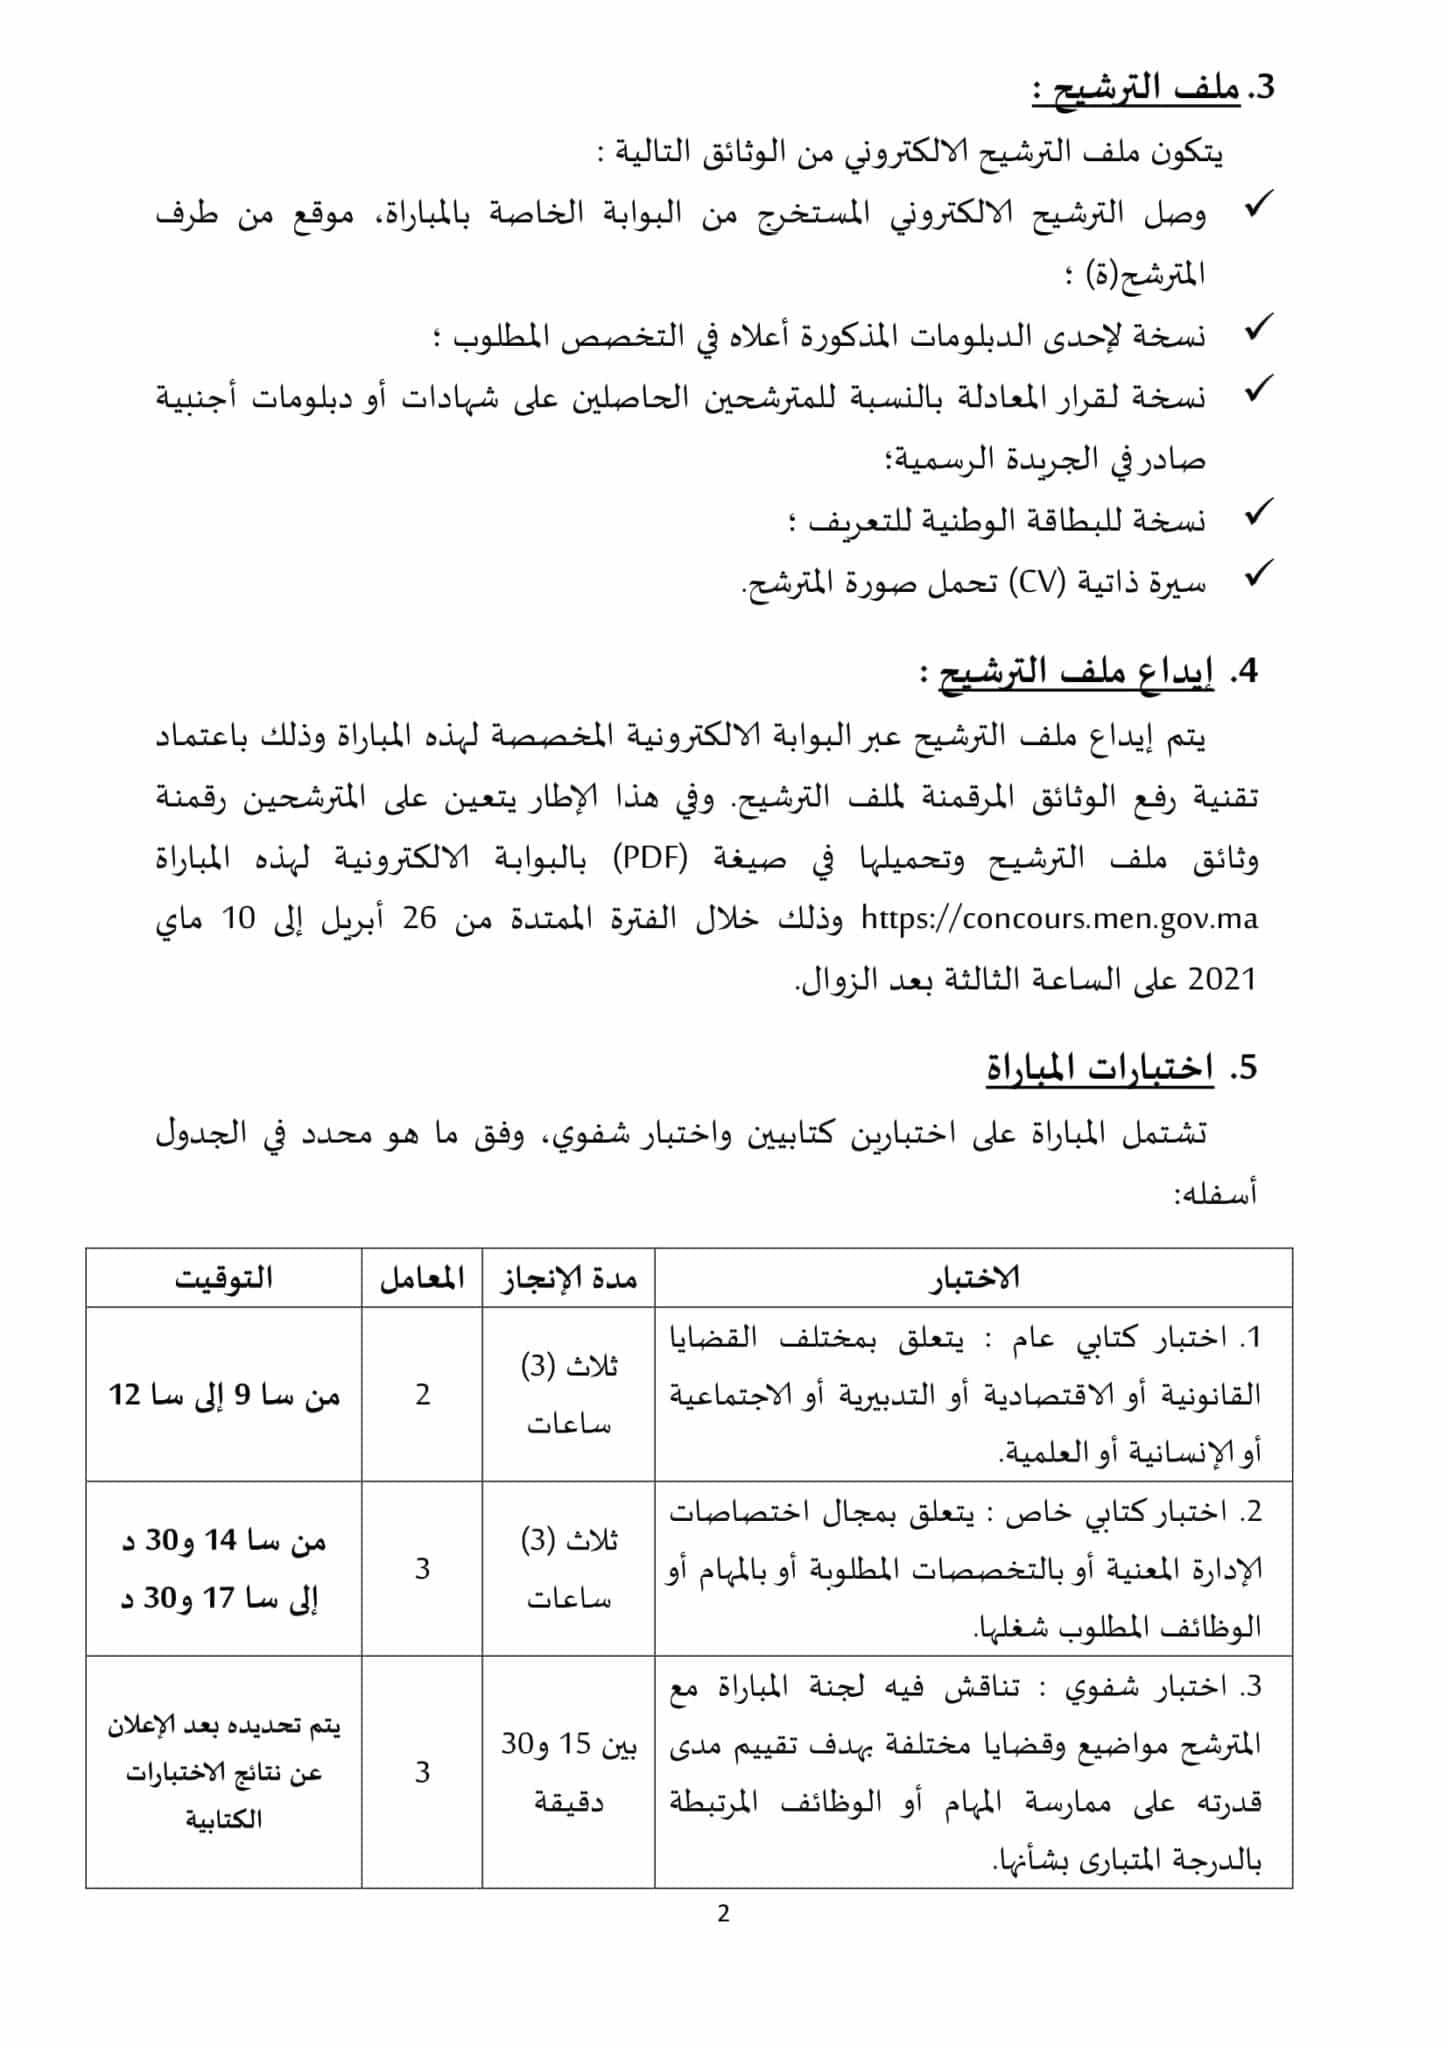 Avis Concours Adminis2 MEN 2021 2 scaled